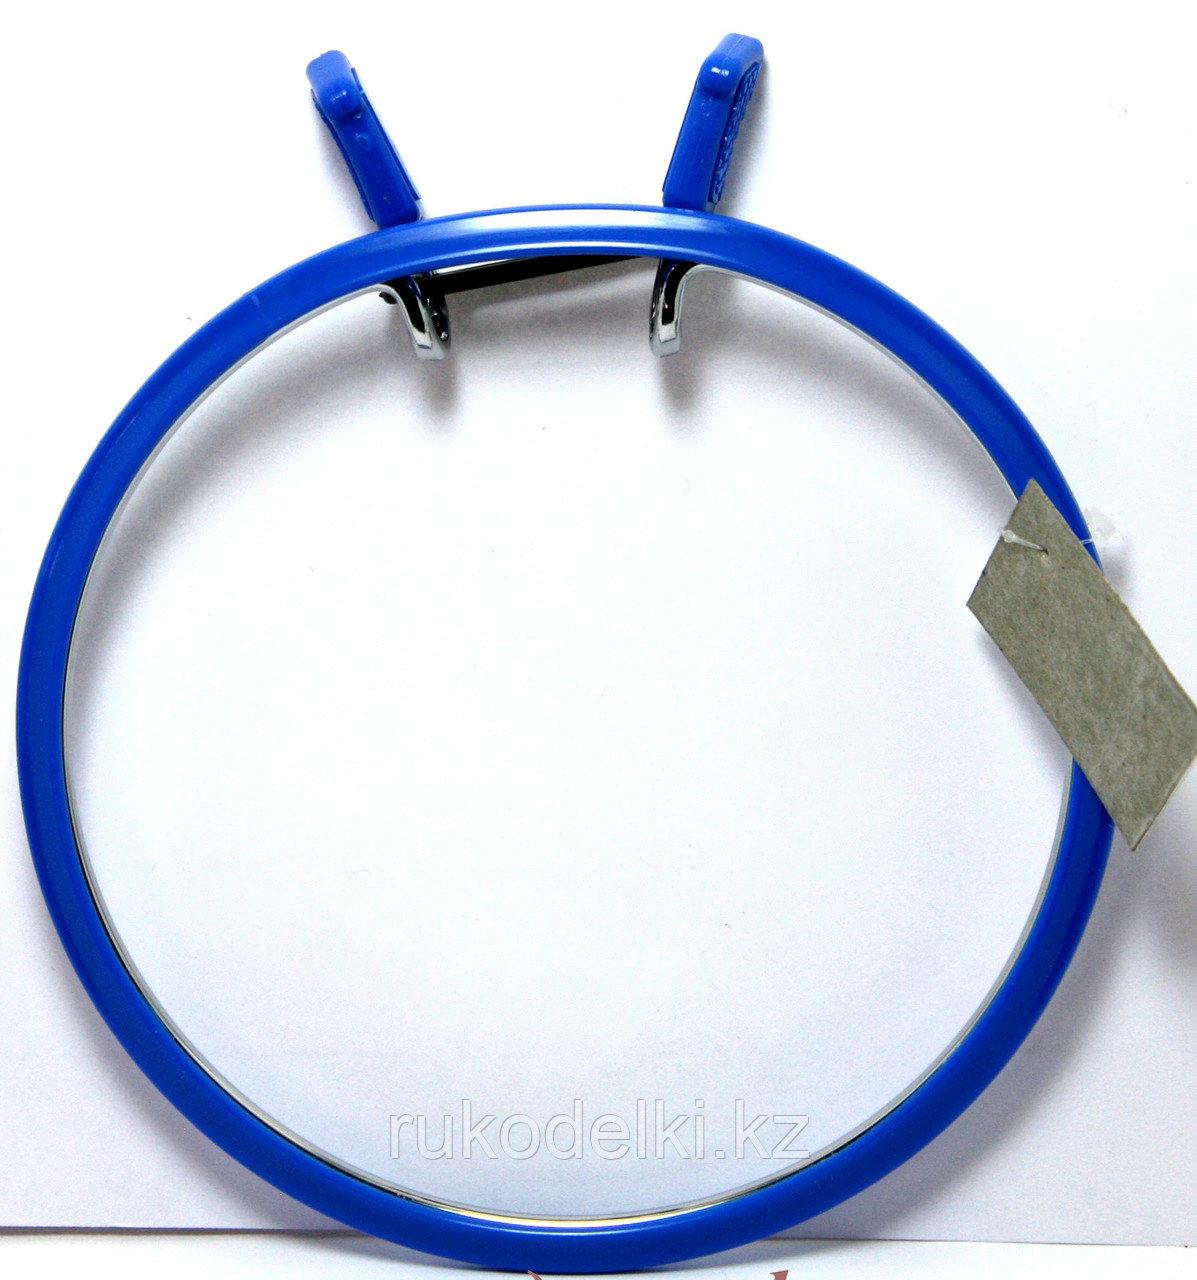 Пяльцы Nurge вышивальные металлические 20 см Синие